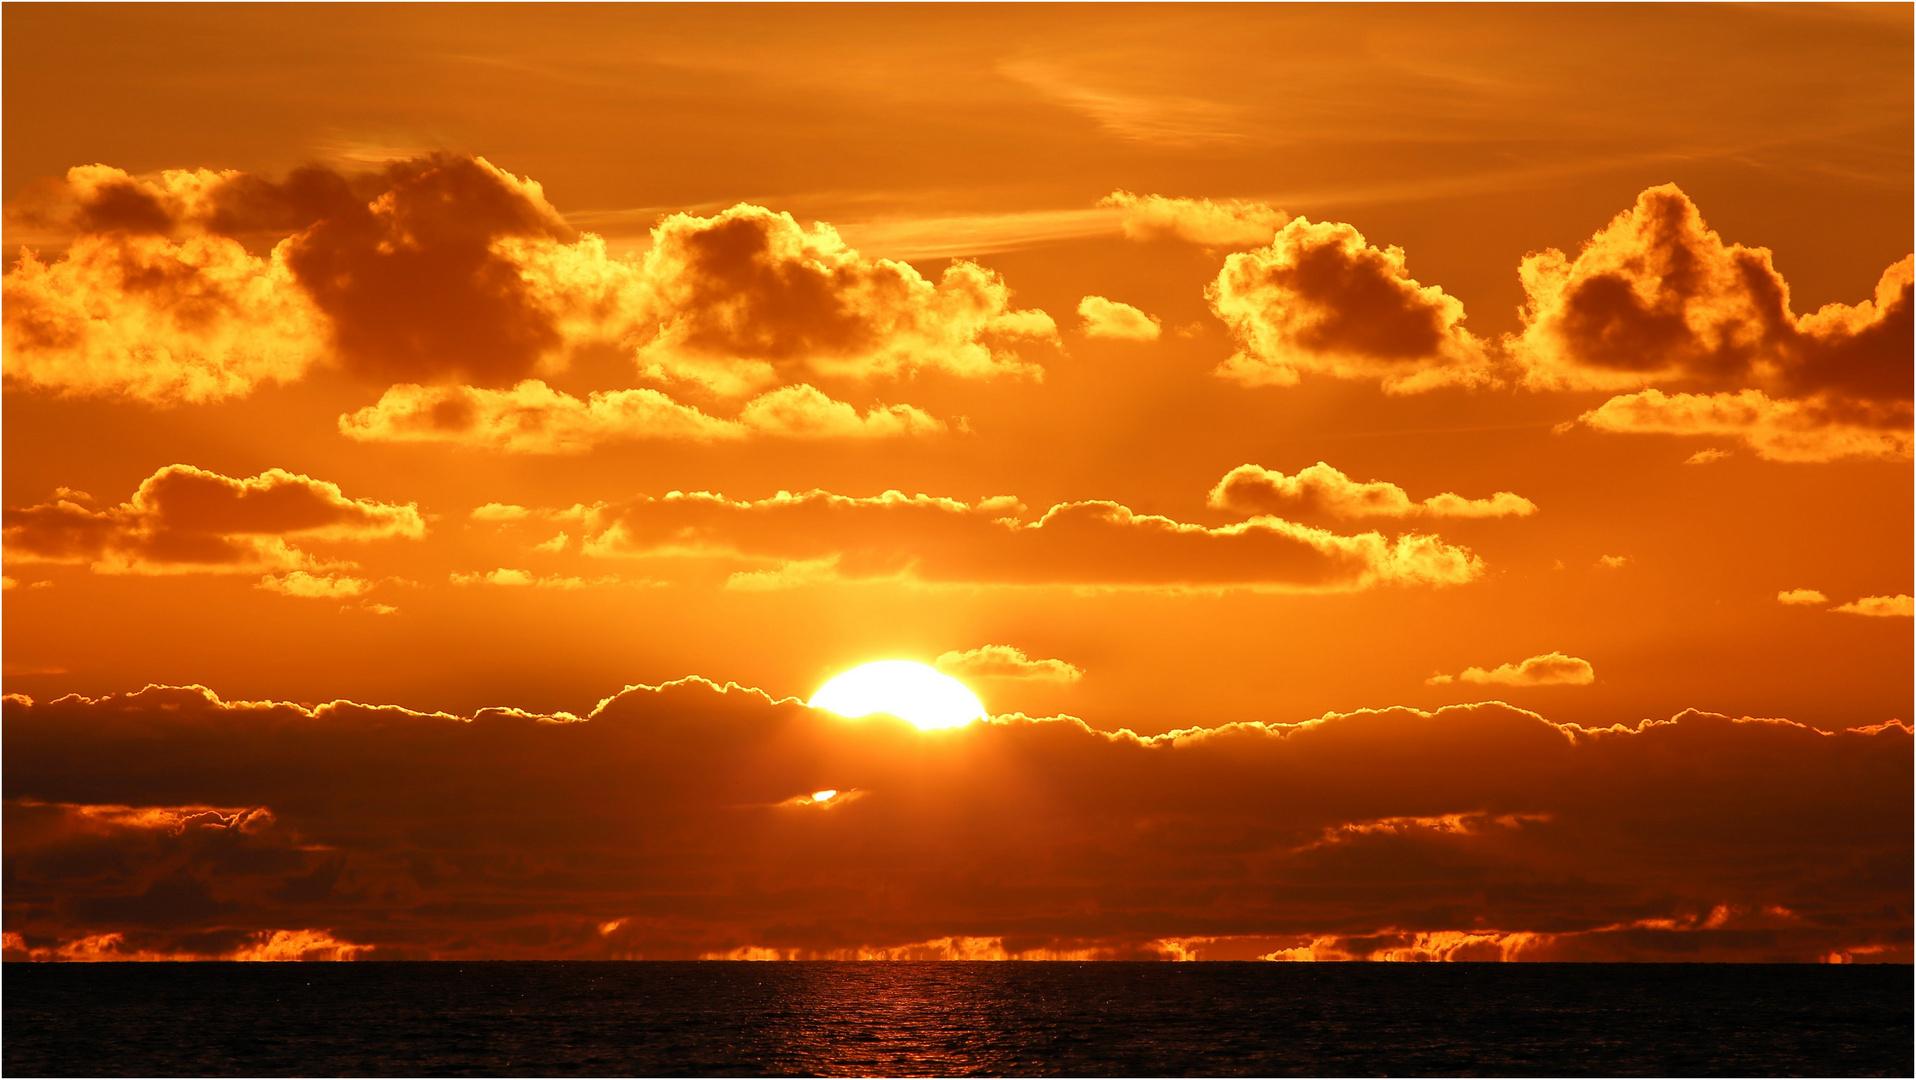 Sonnenuntergang mit Schmelz!